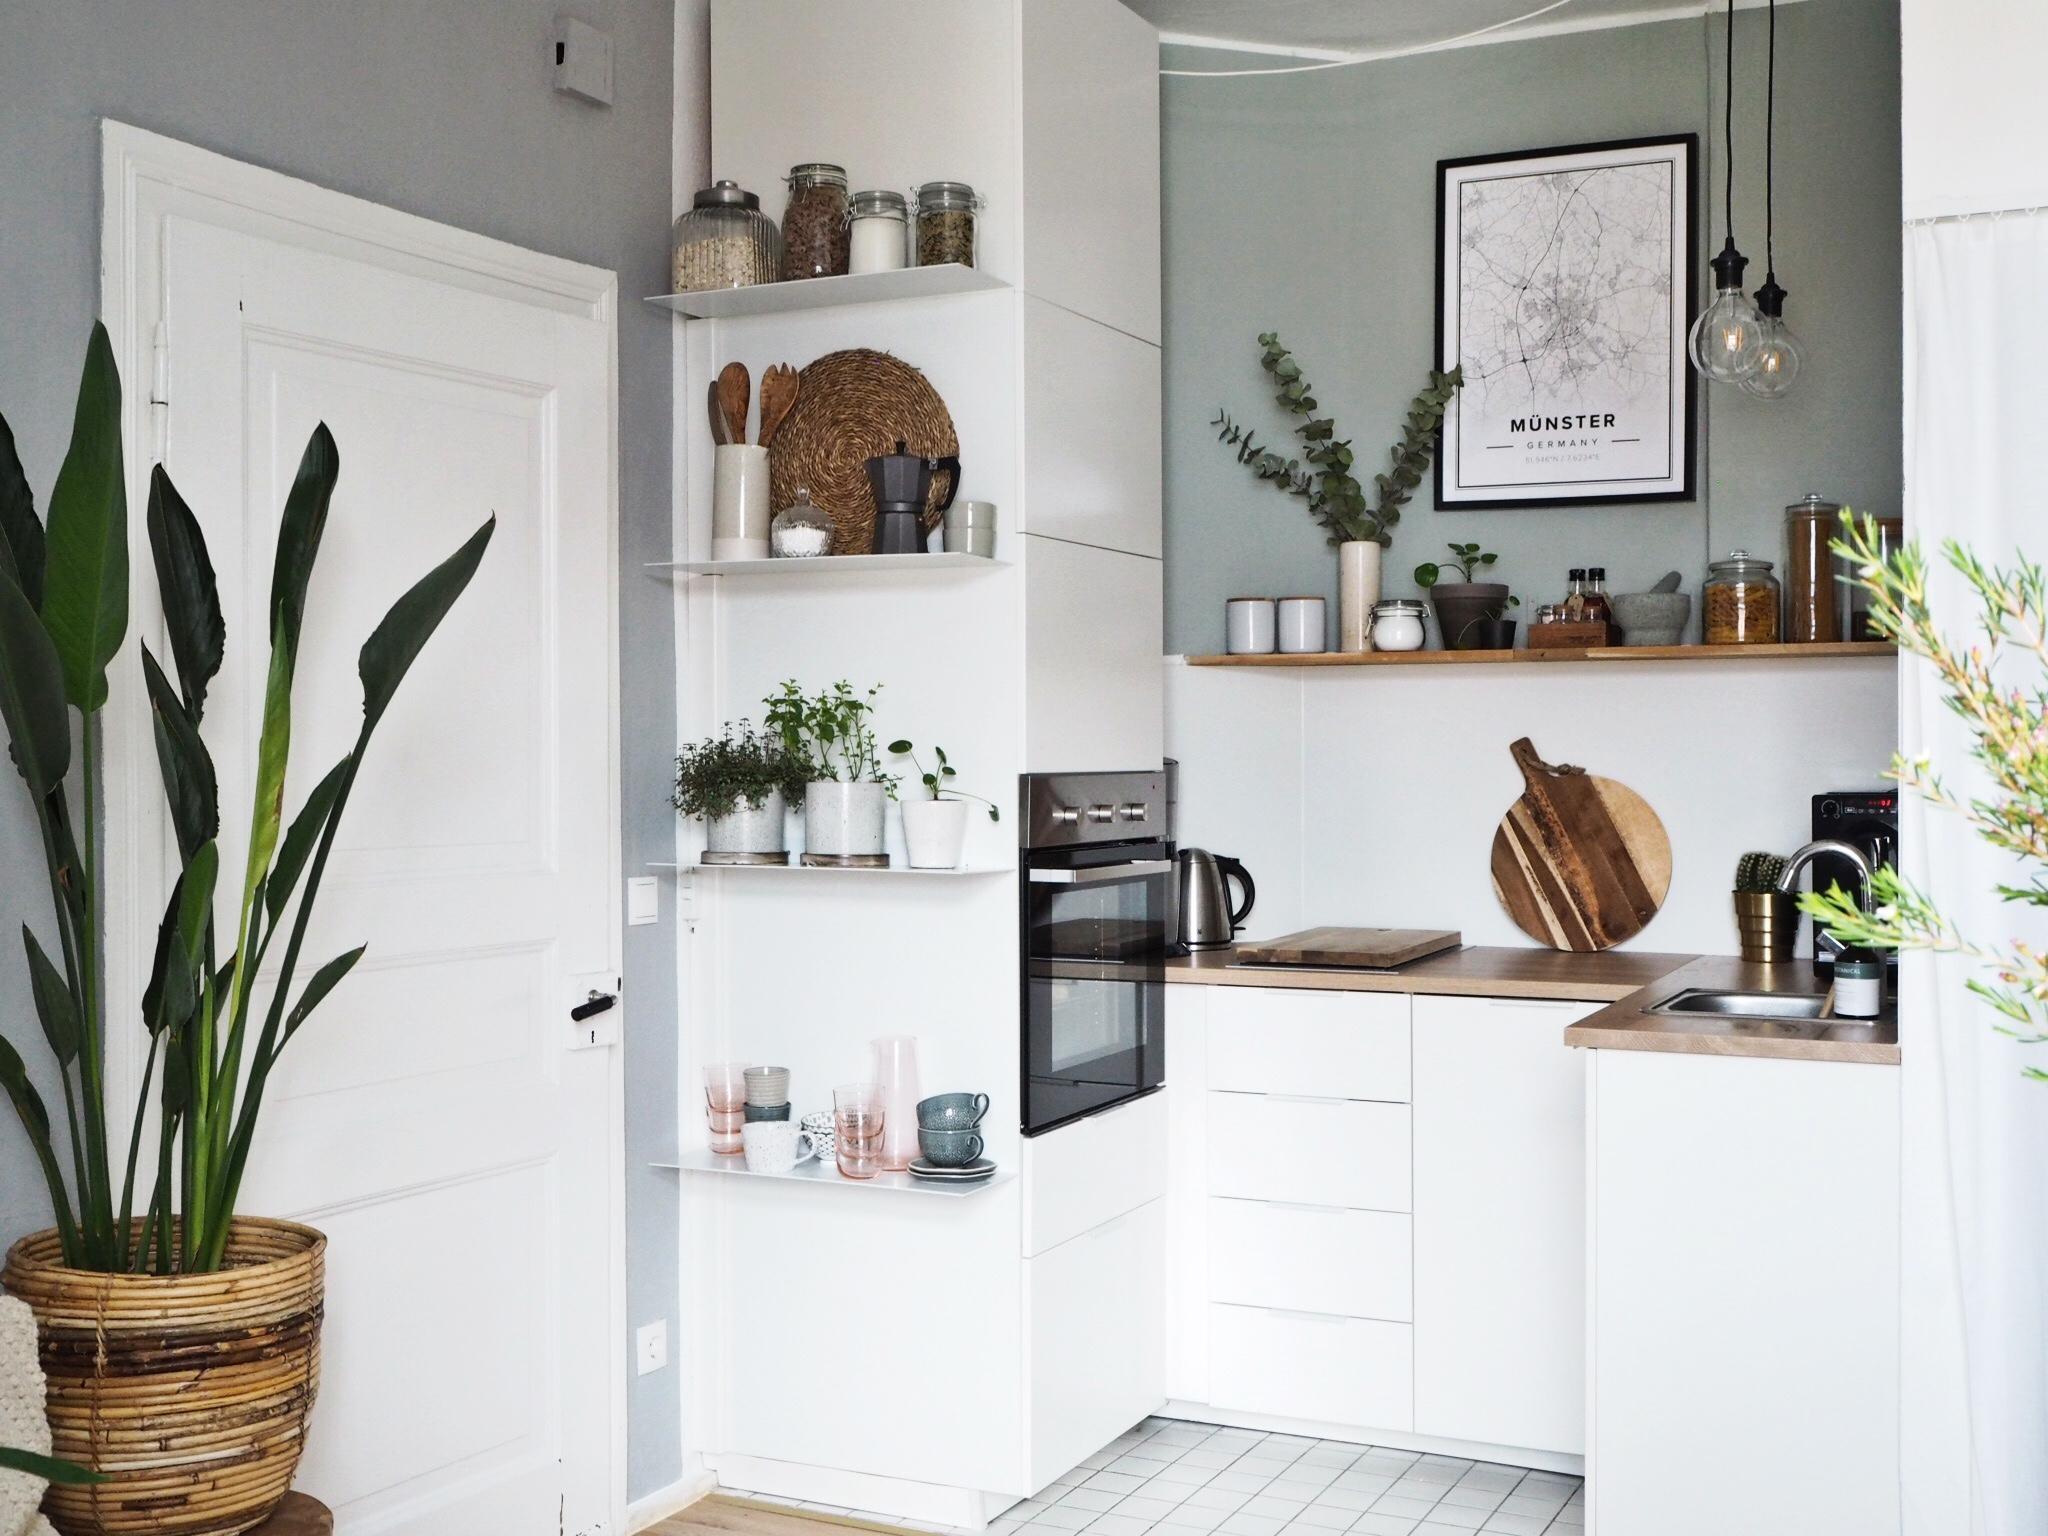 Full Size of Küchenideen Kleine Kchen Grer Machen So Gehts Wohnzimmer Küchenideen